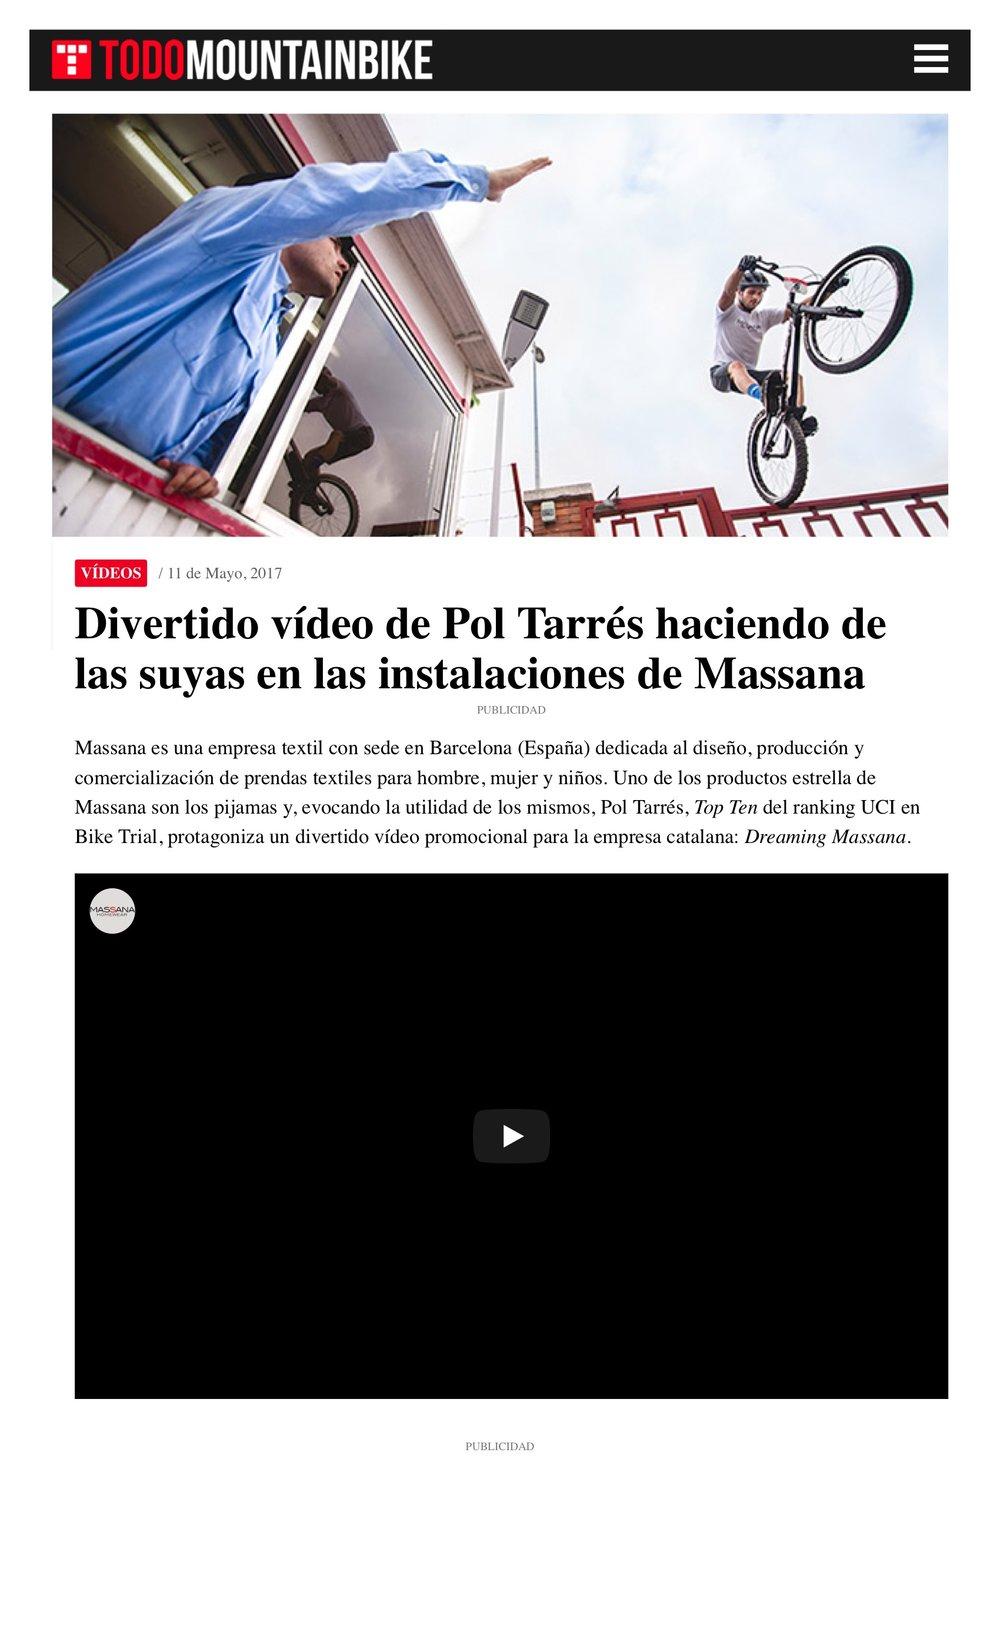 2017-5-11 Divertido vídeo de Pol Tarrés haciendo de las suyas en las instalaciones de Massana 3.jpeg